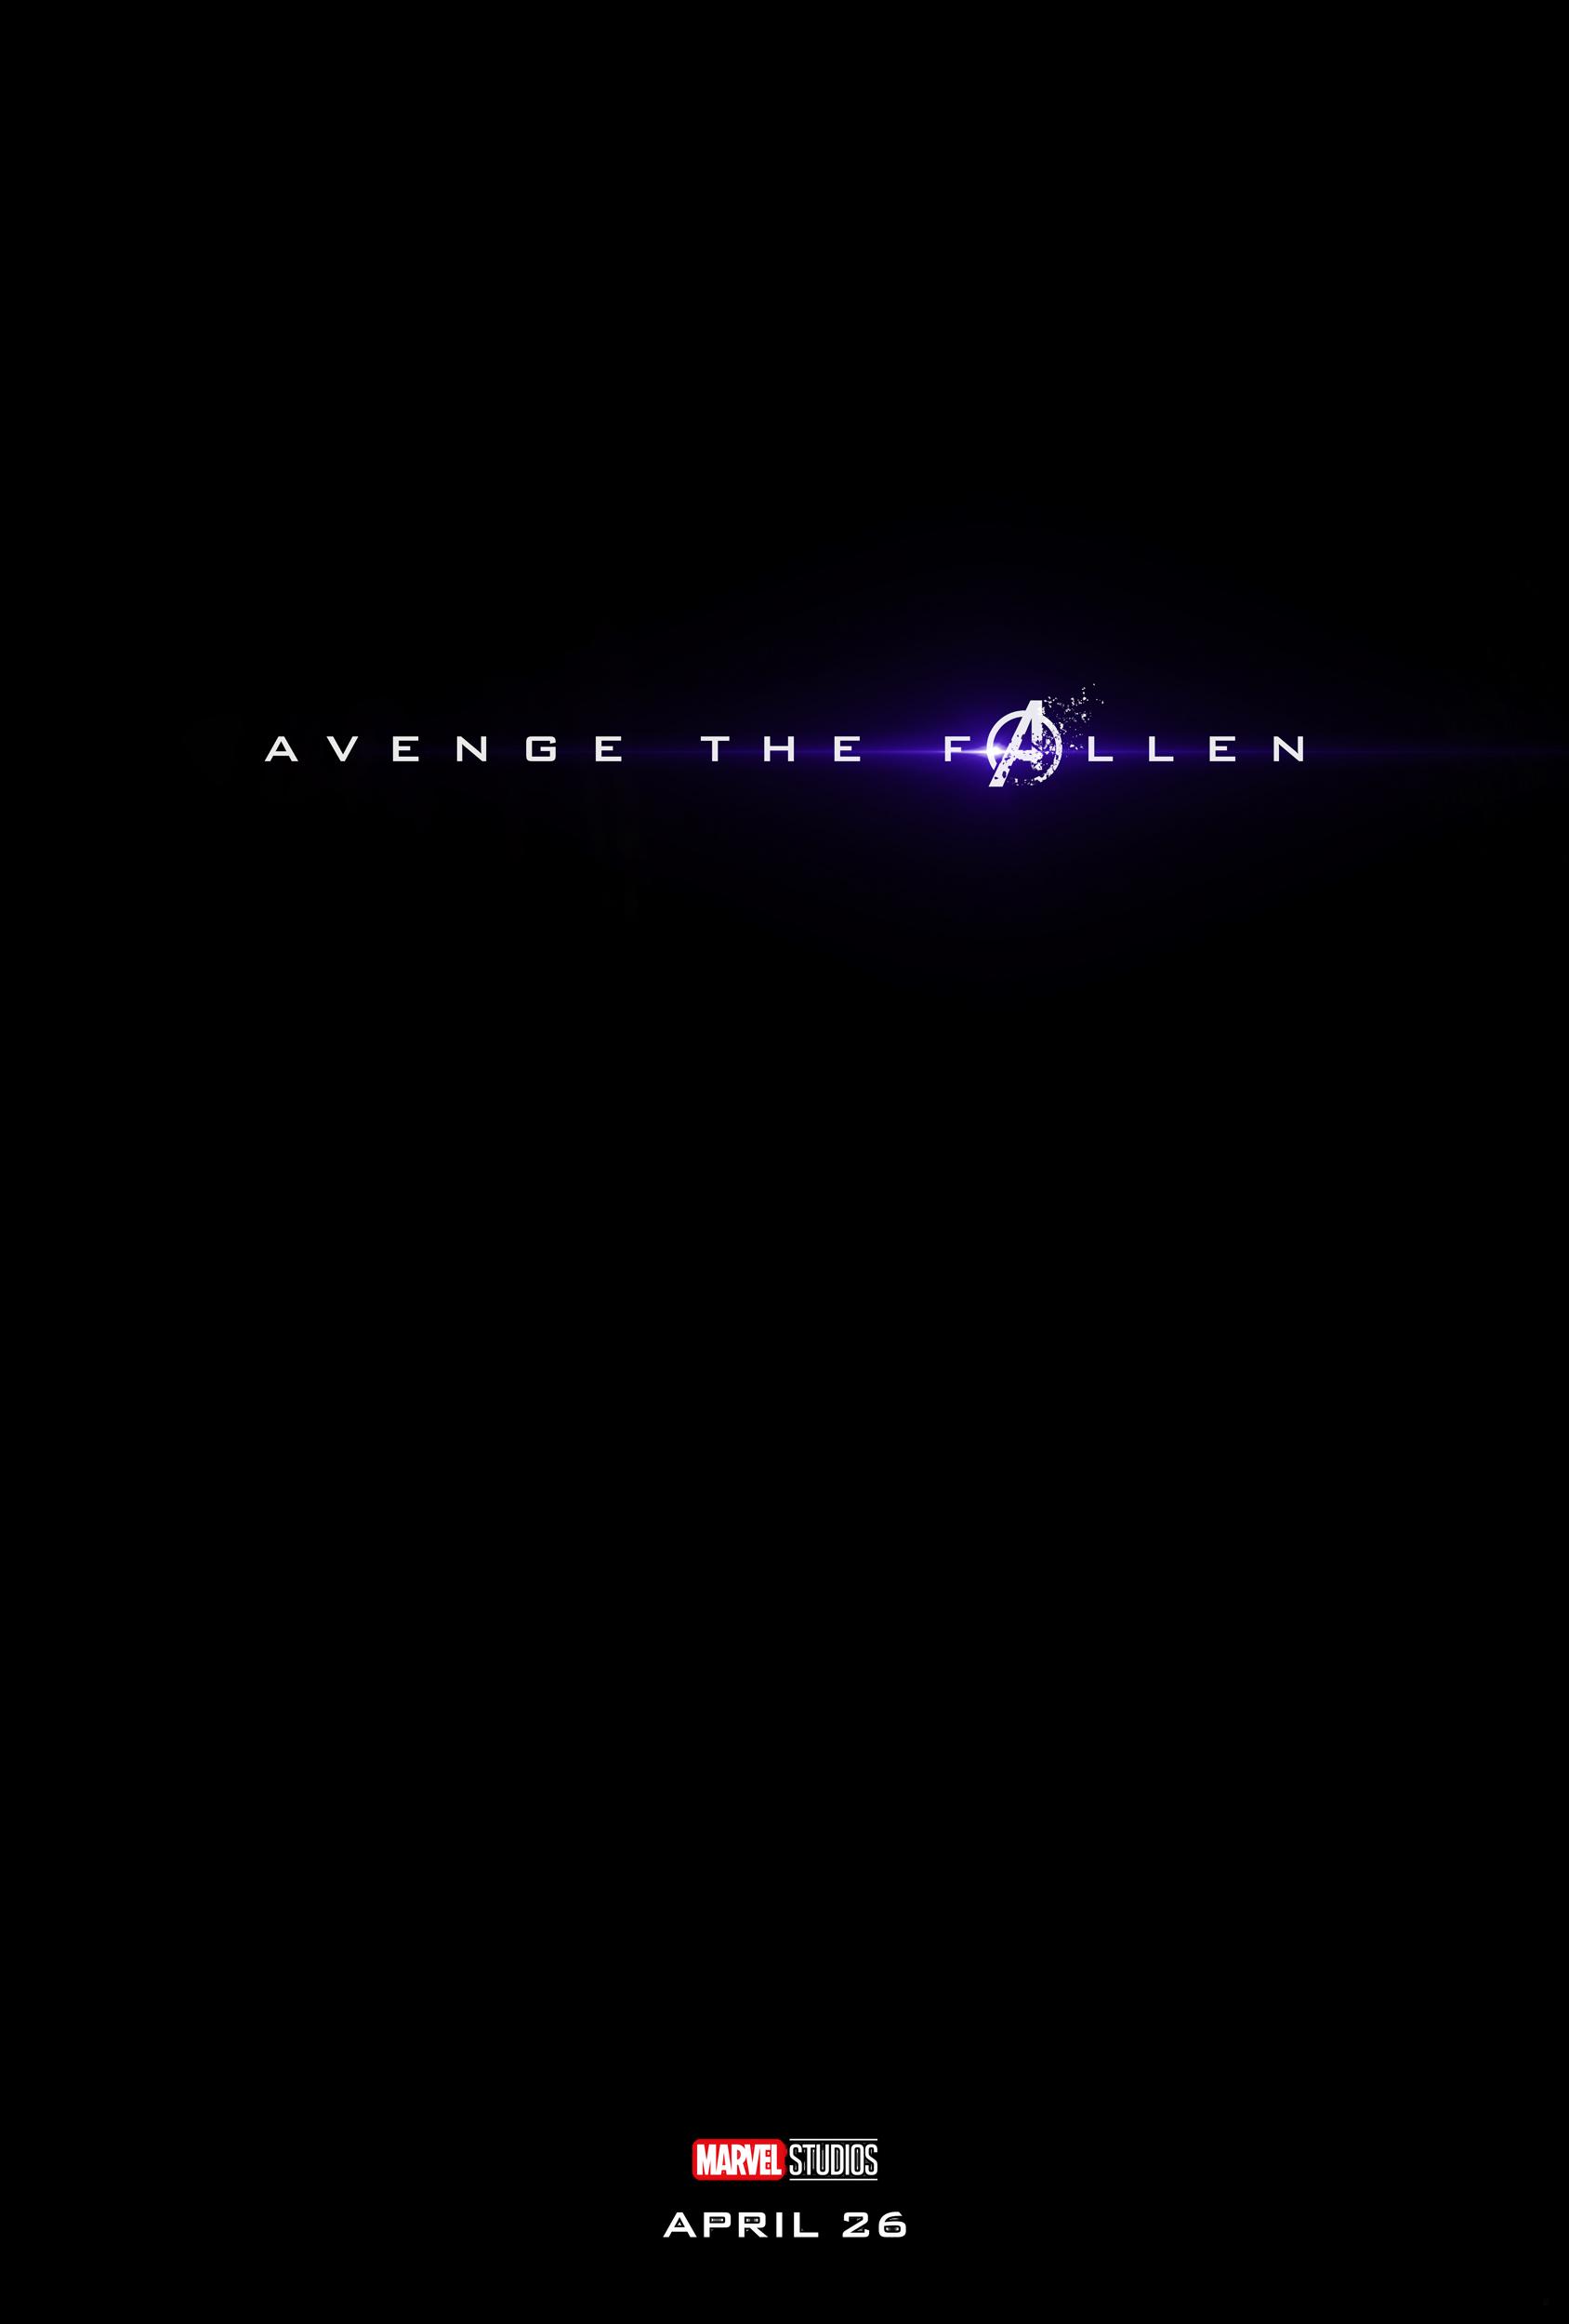 Avengers Endgame Marvel Avenge The Fallen Clean Meme Template Avengers Endgame Meme Template Marvel Avengers Quotes